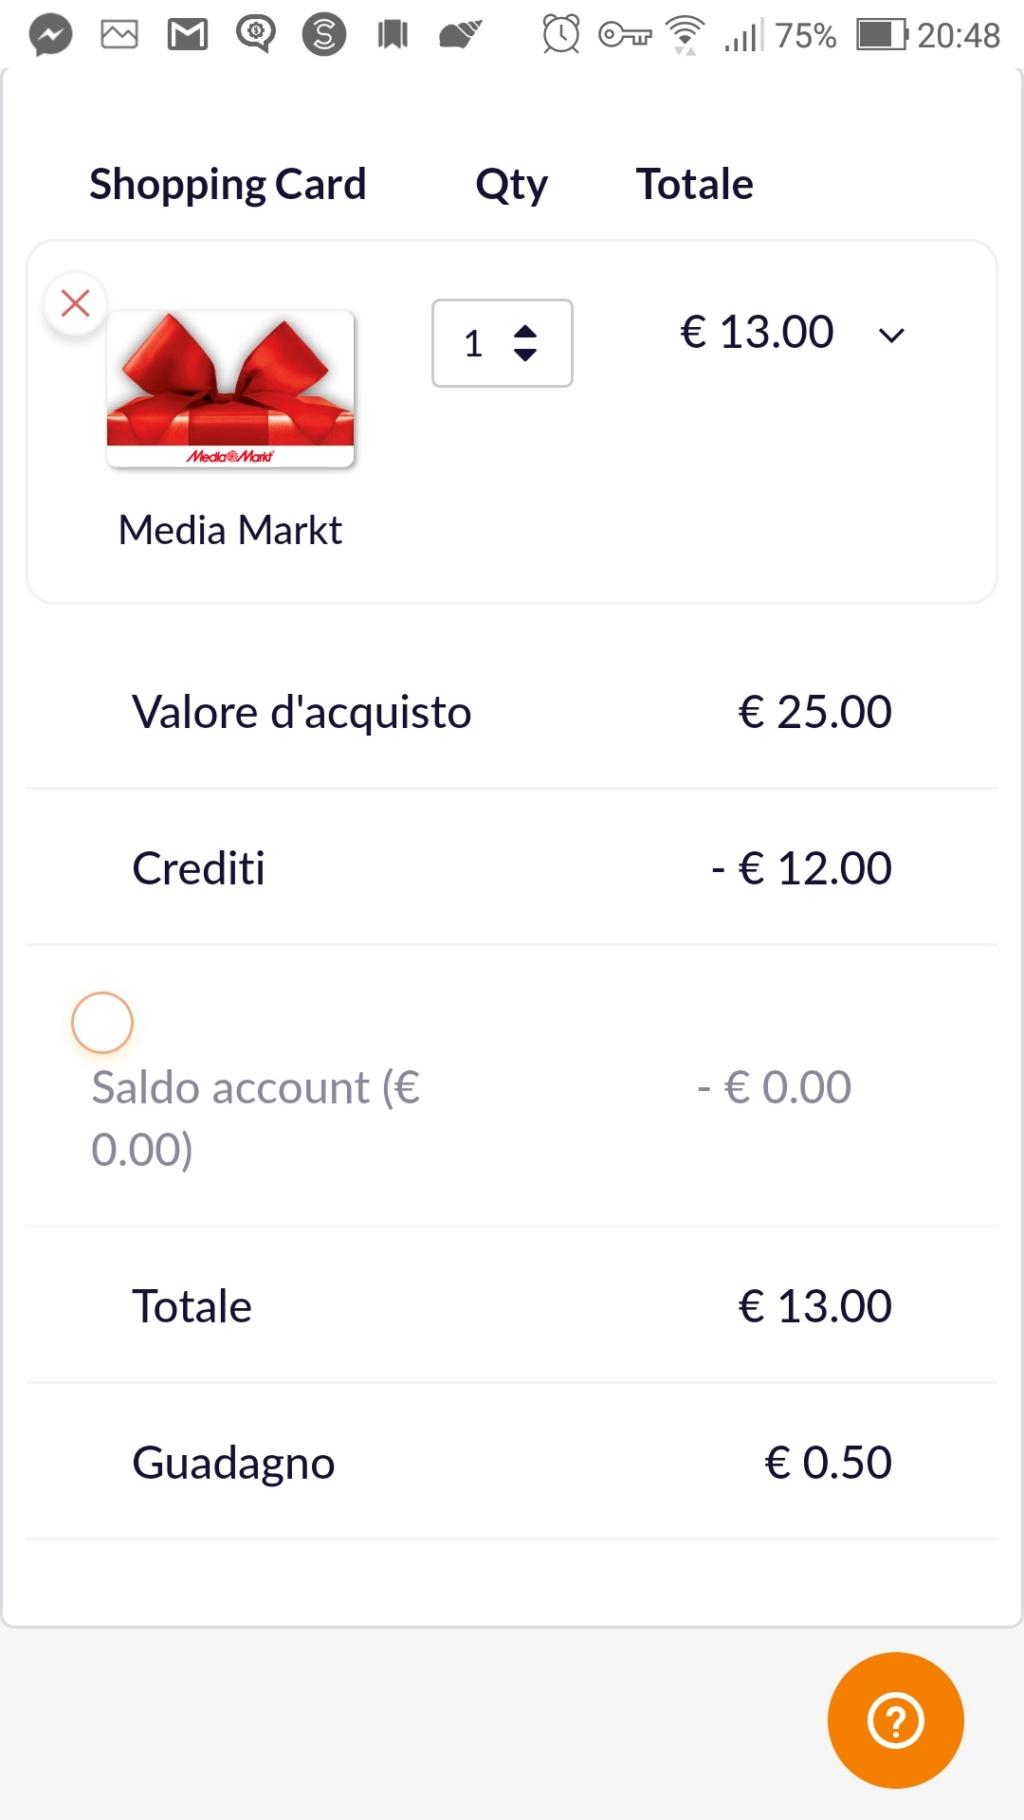 Oportunidade [Provado] Sixthcontinent - Vales Media Markt, Cepsa, Decathlon, Mango, etc por metade do preço! (já poupei 154 euros) Screen11